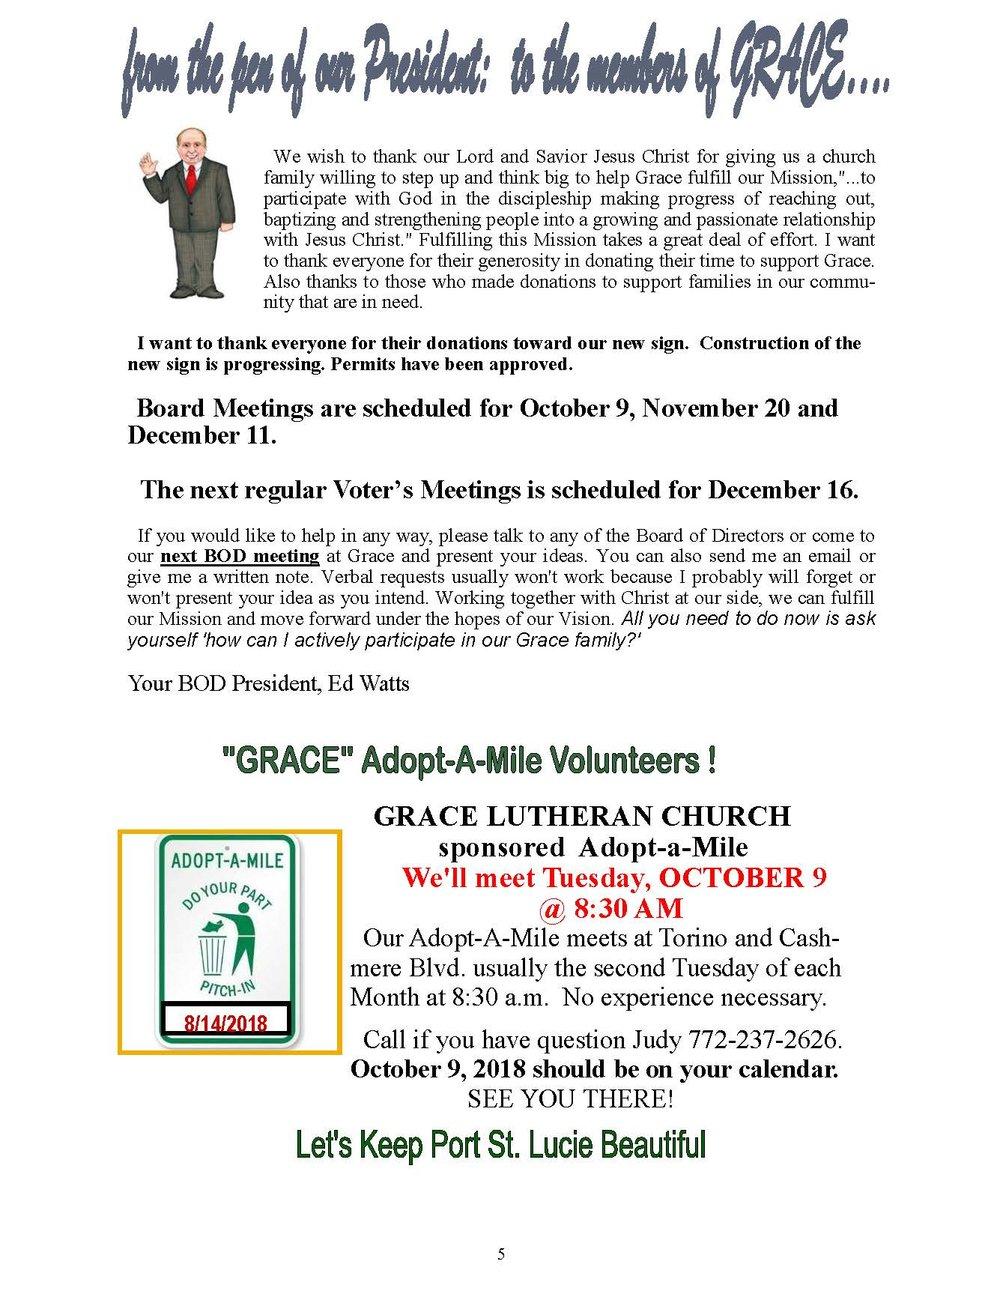 Grace News Ltr OCT 2018_Page_04.jpg